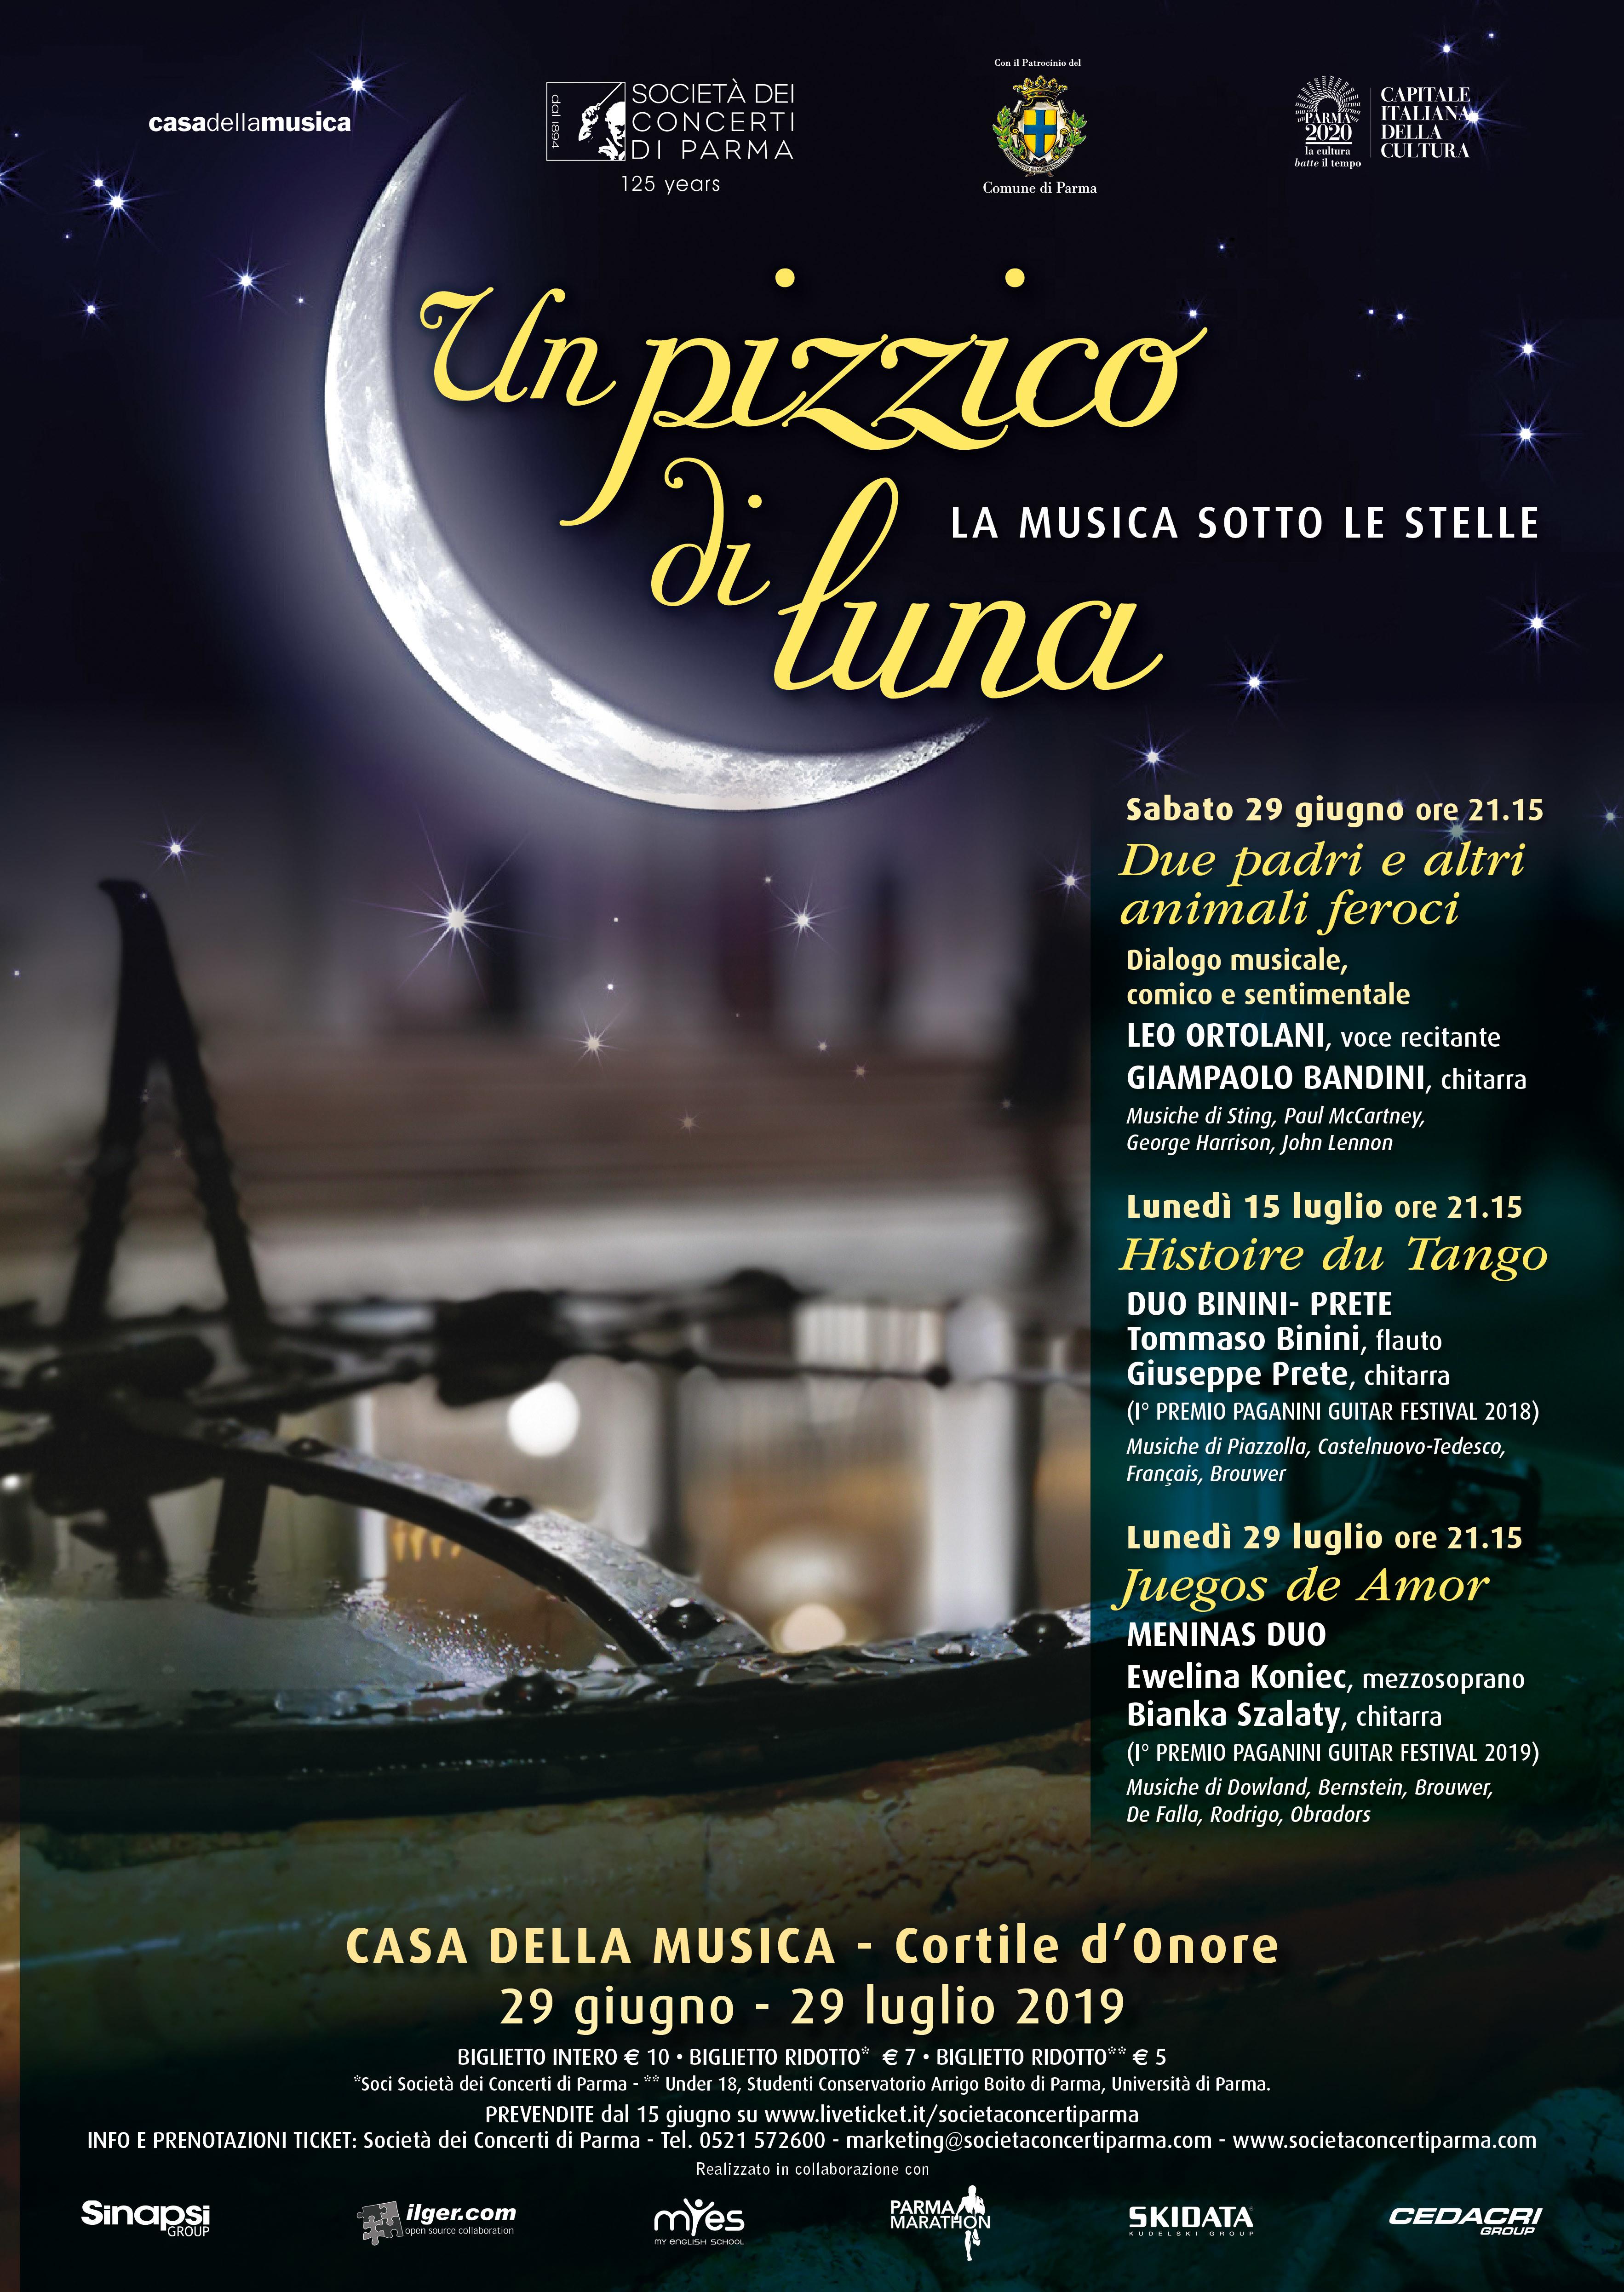 Un pizzico di luna: vivi, ascolta, sogna